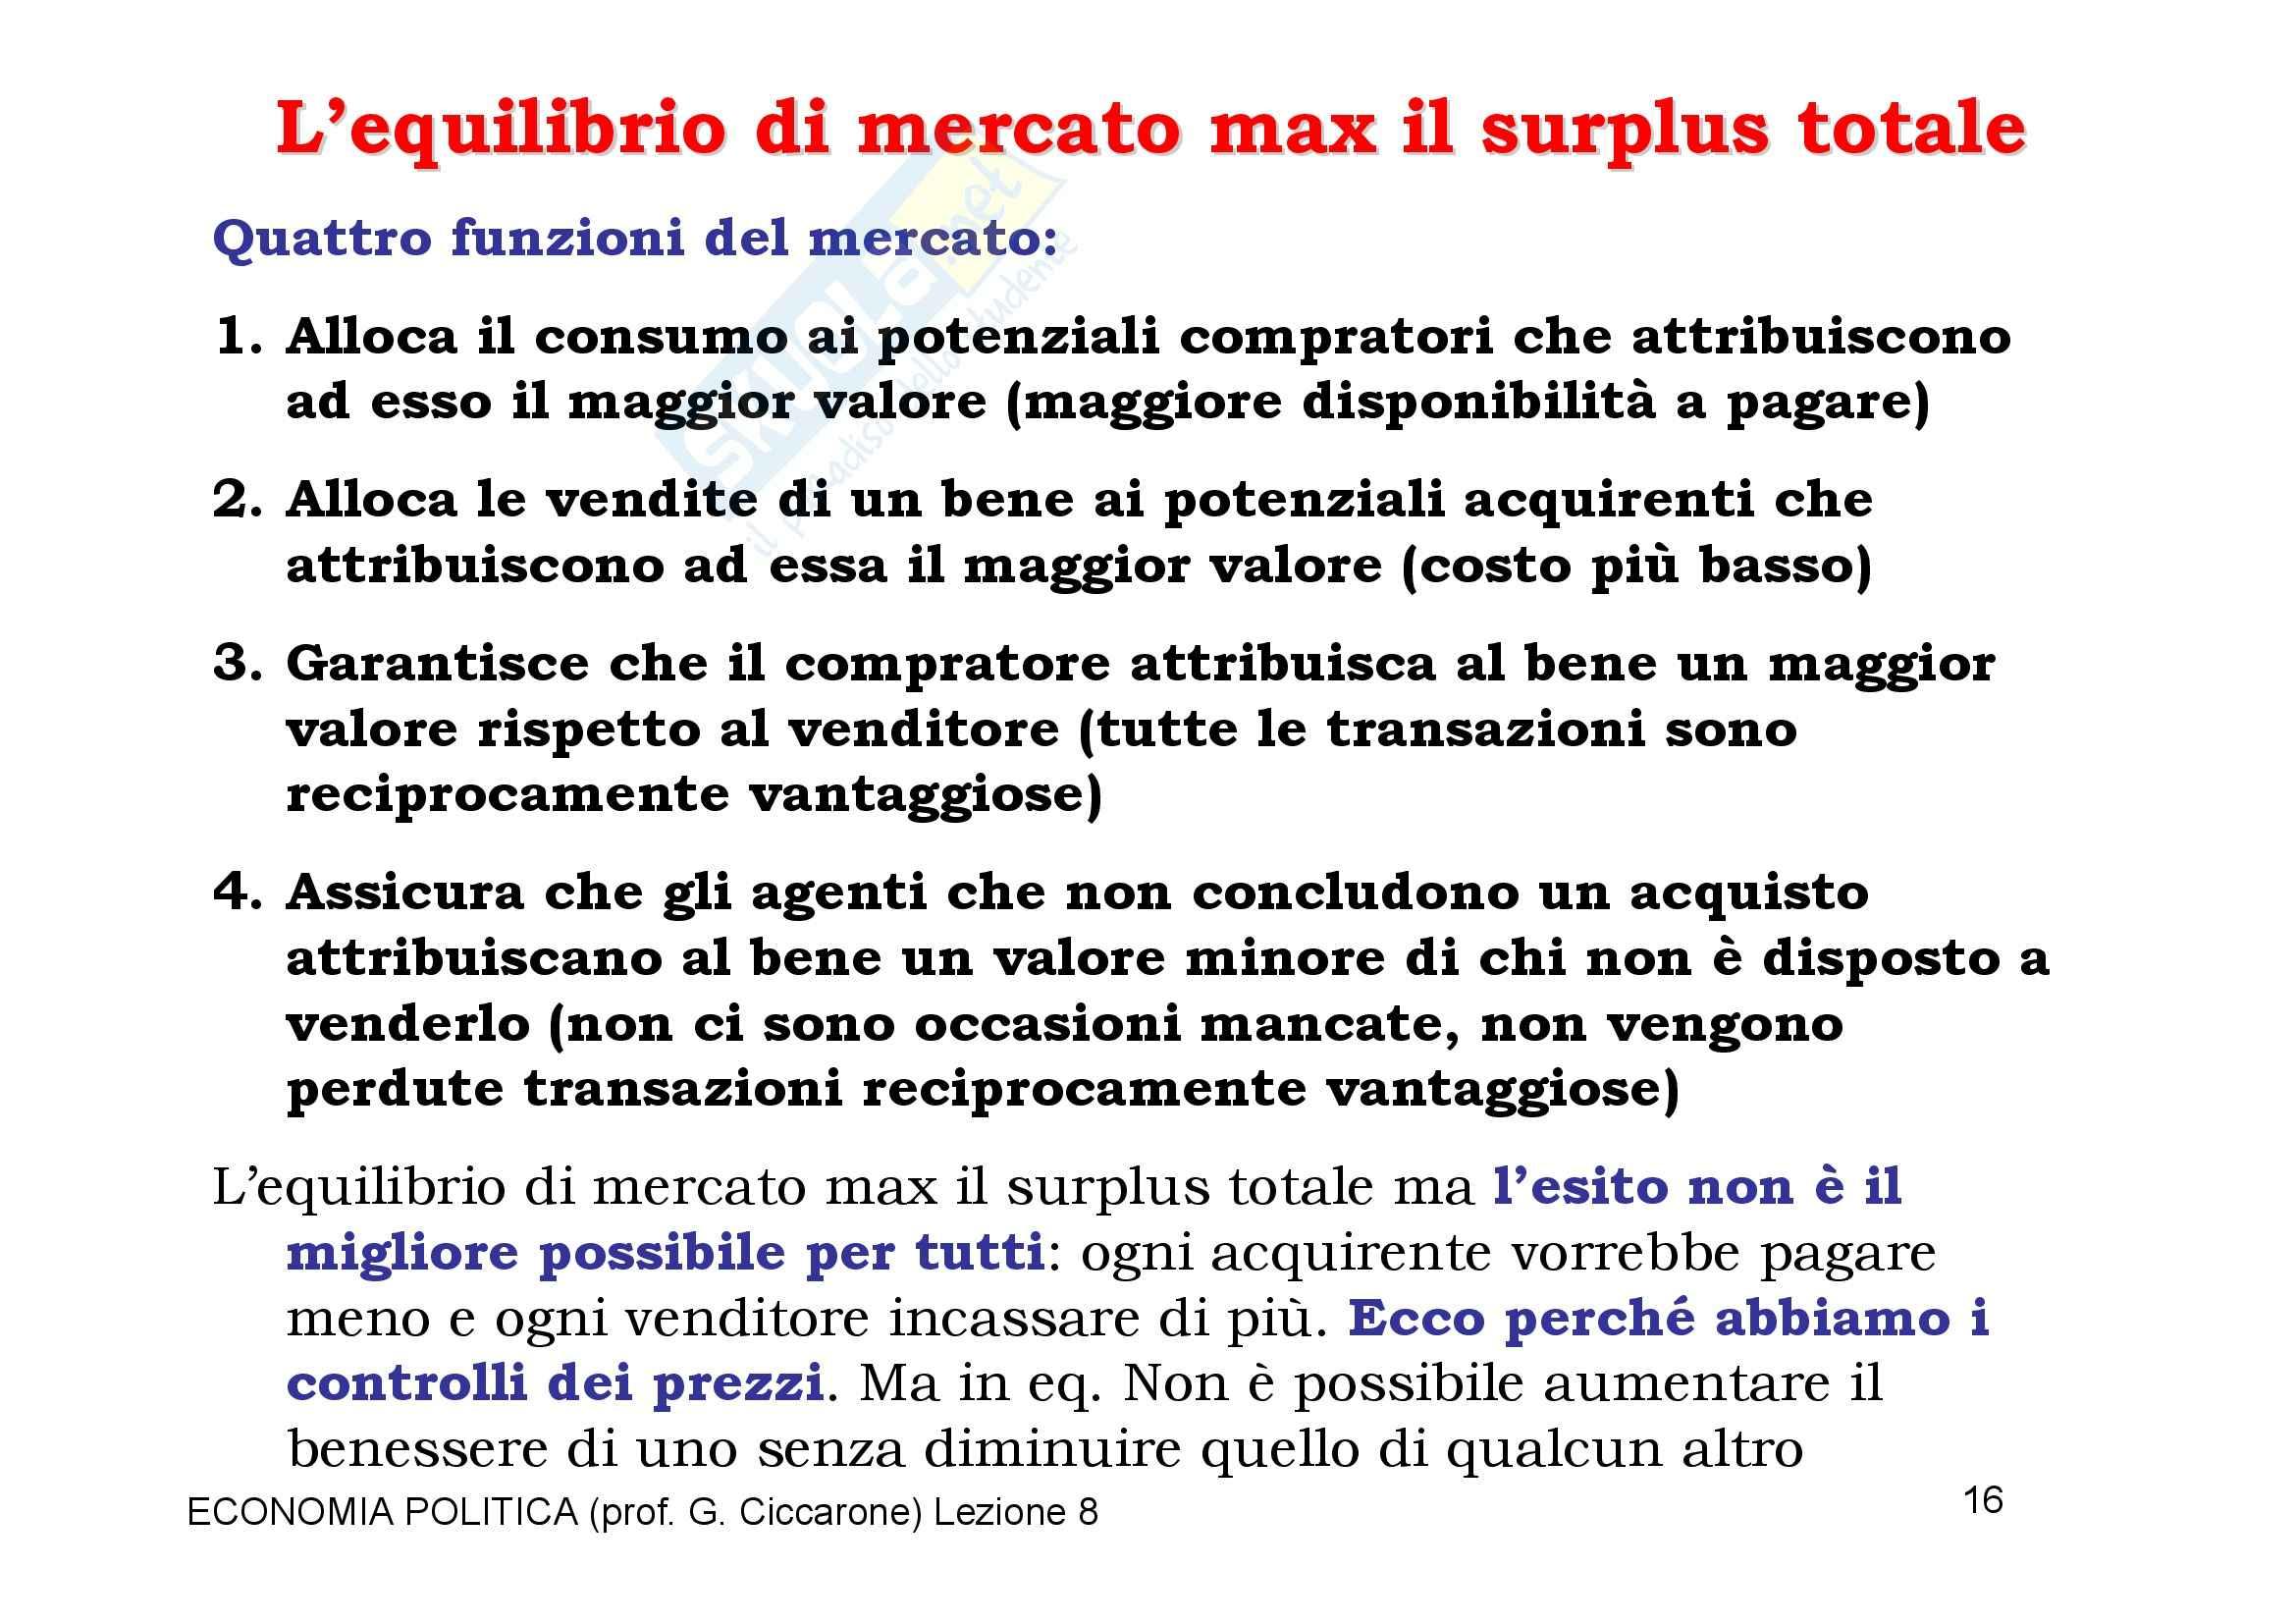 Economia monetaria - il surplus di mercato Pag. 16